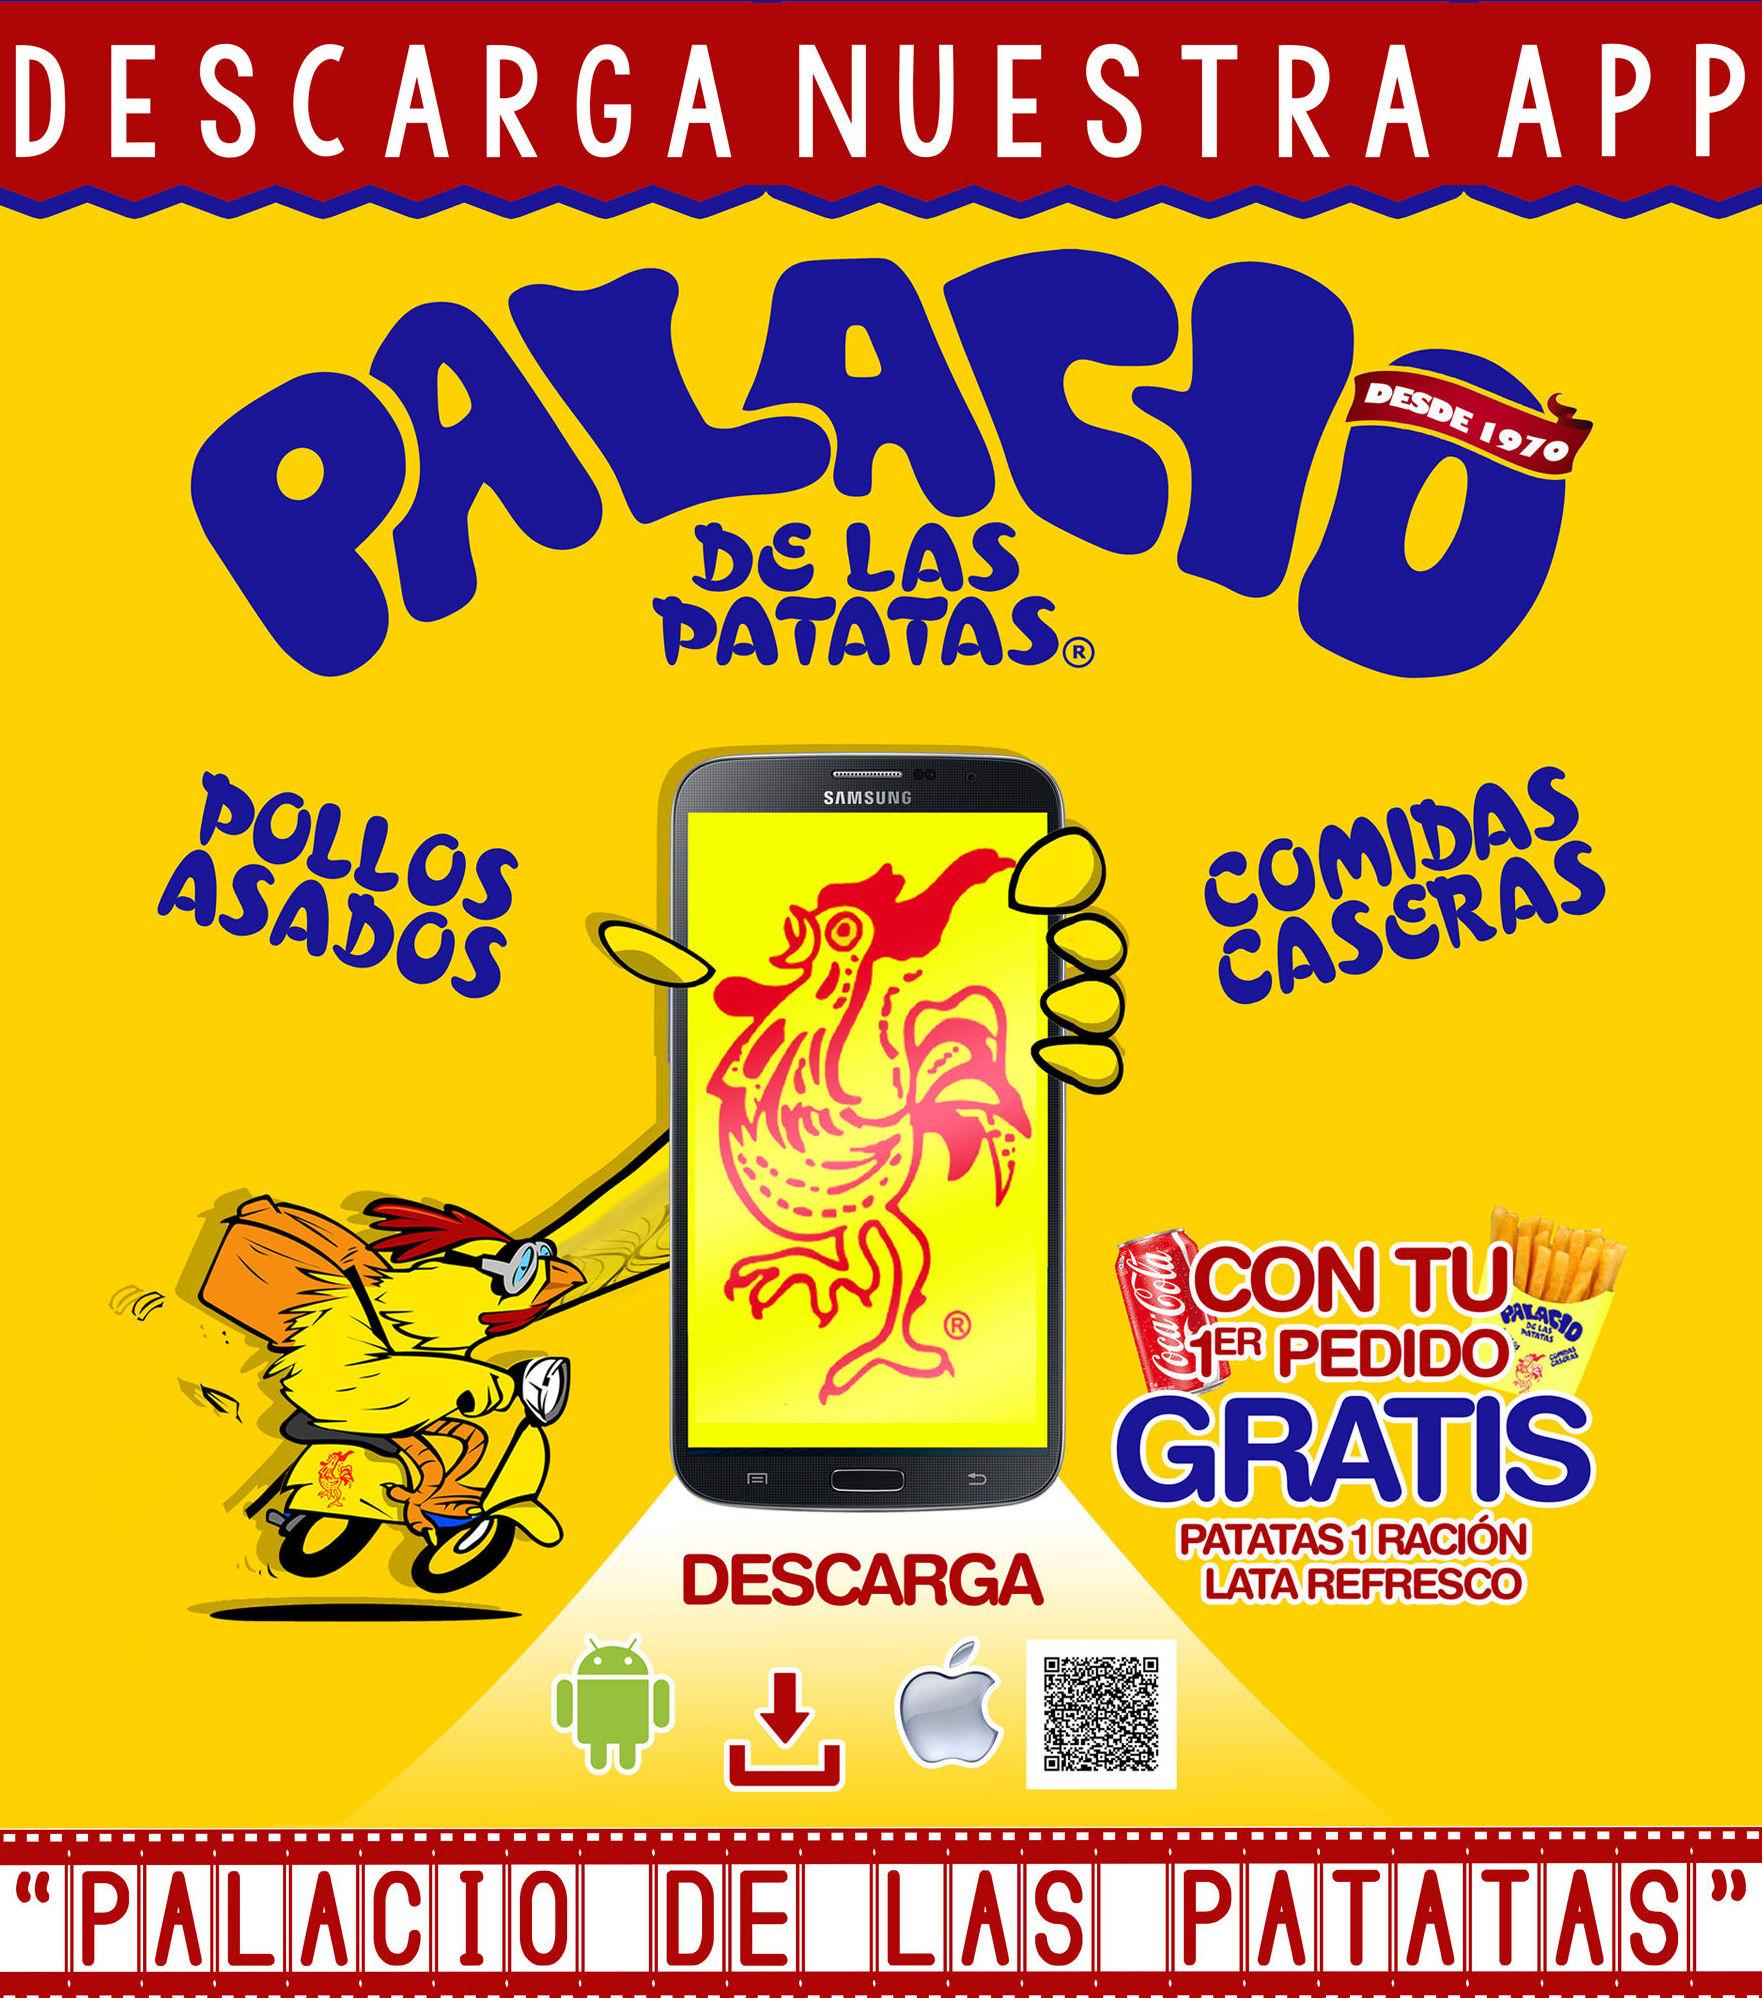 """APLICACIÓN """"PALACIO DE LAS PATATAS®"""""""